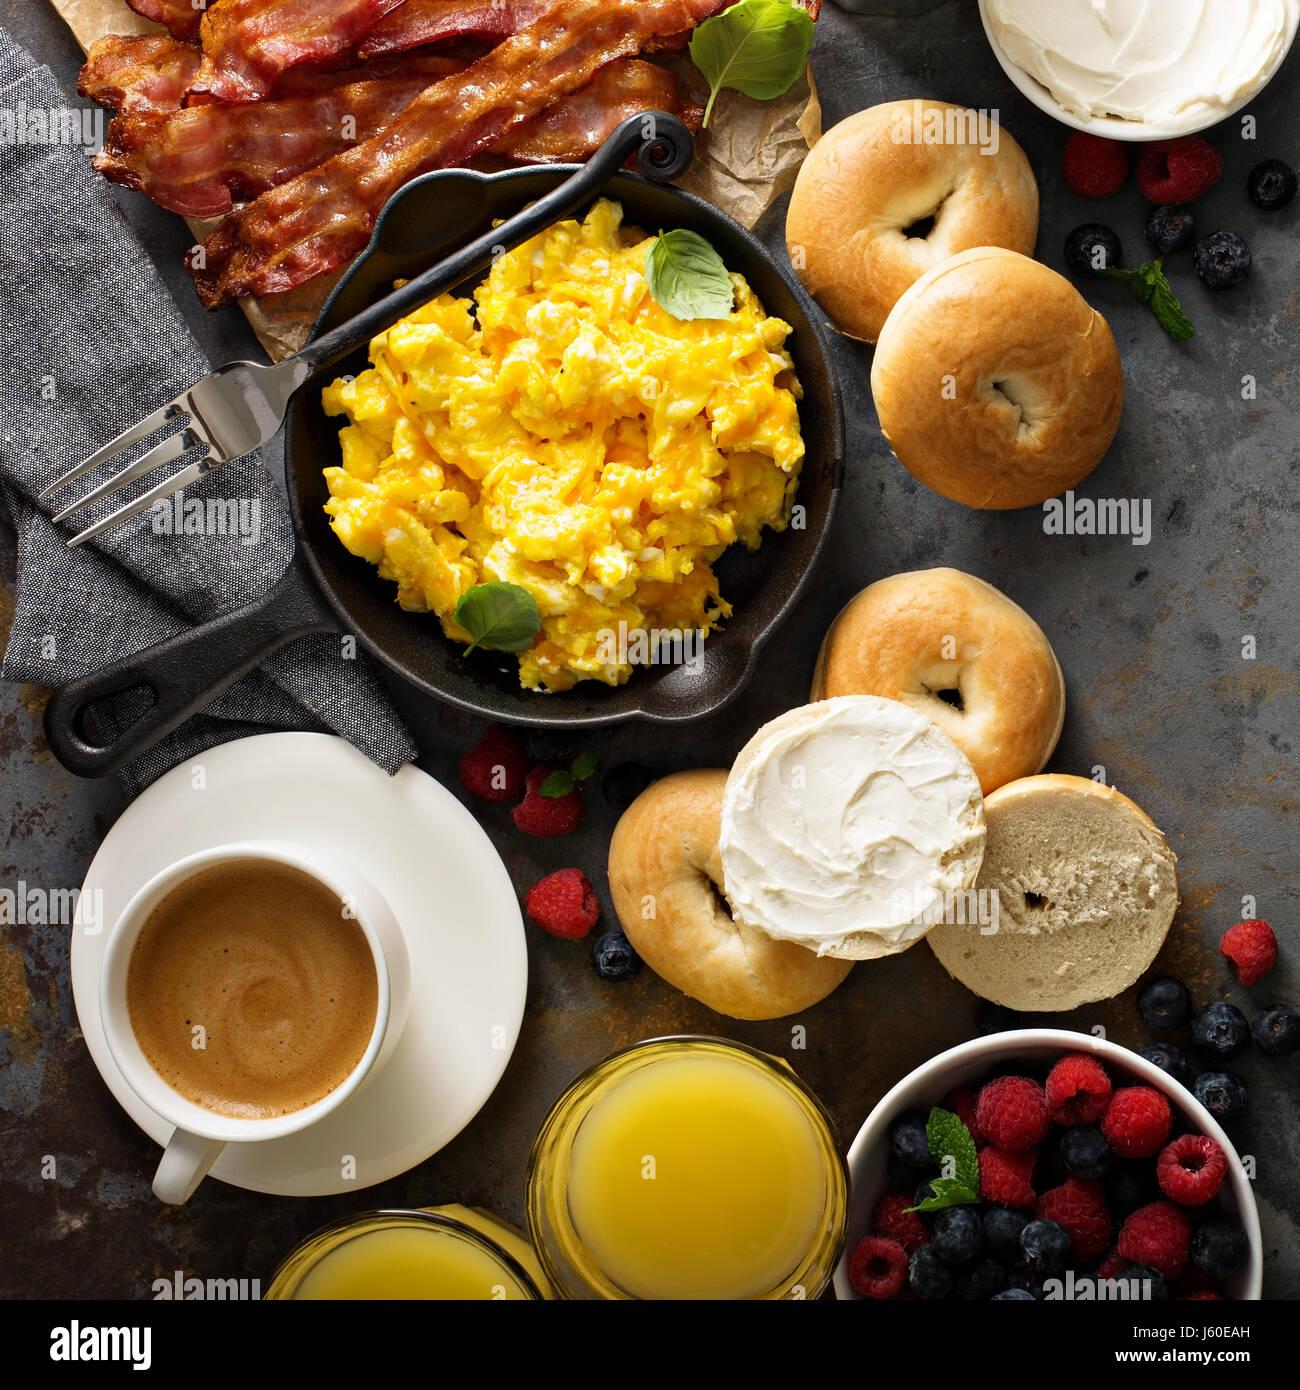 Abbondante colazione con pancetta e uova strapazzate Immagini Stock